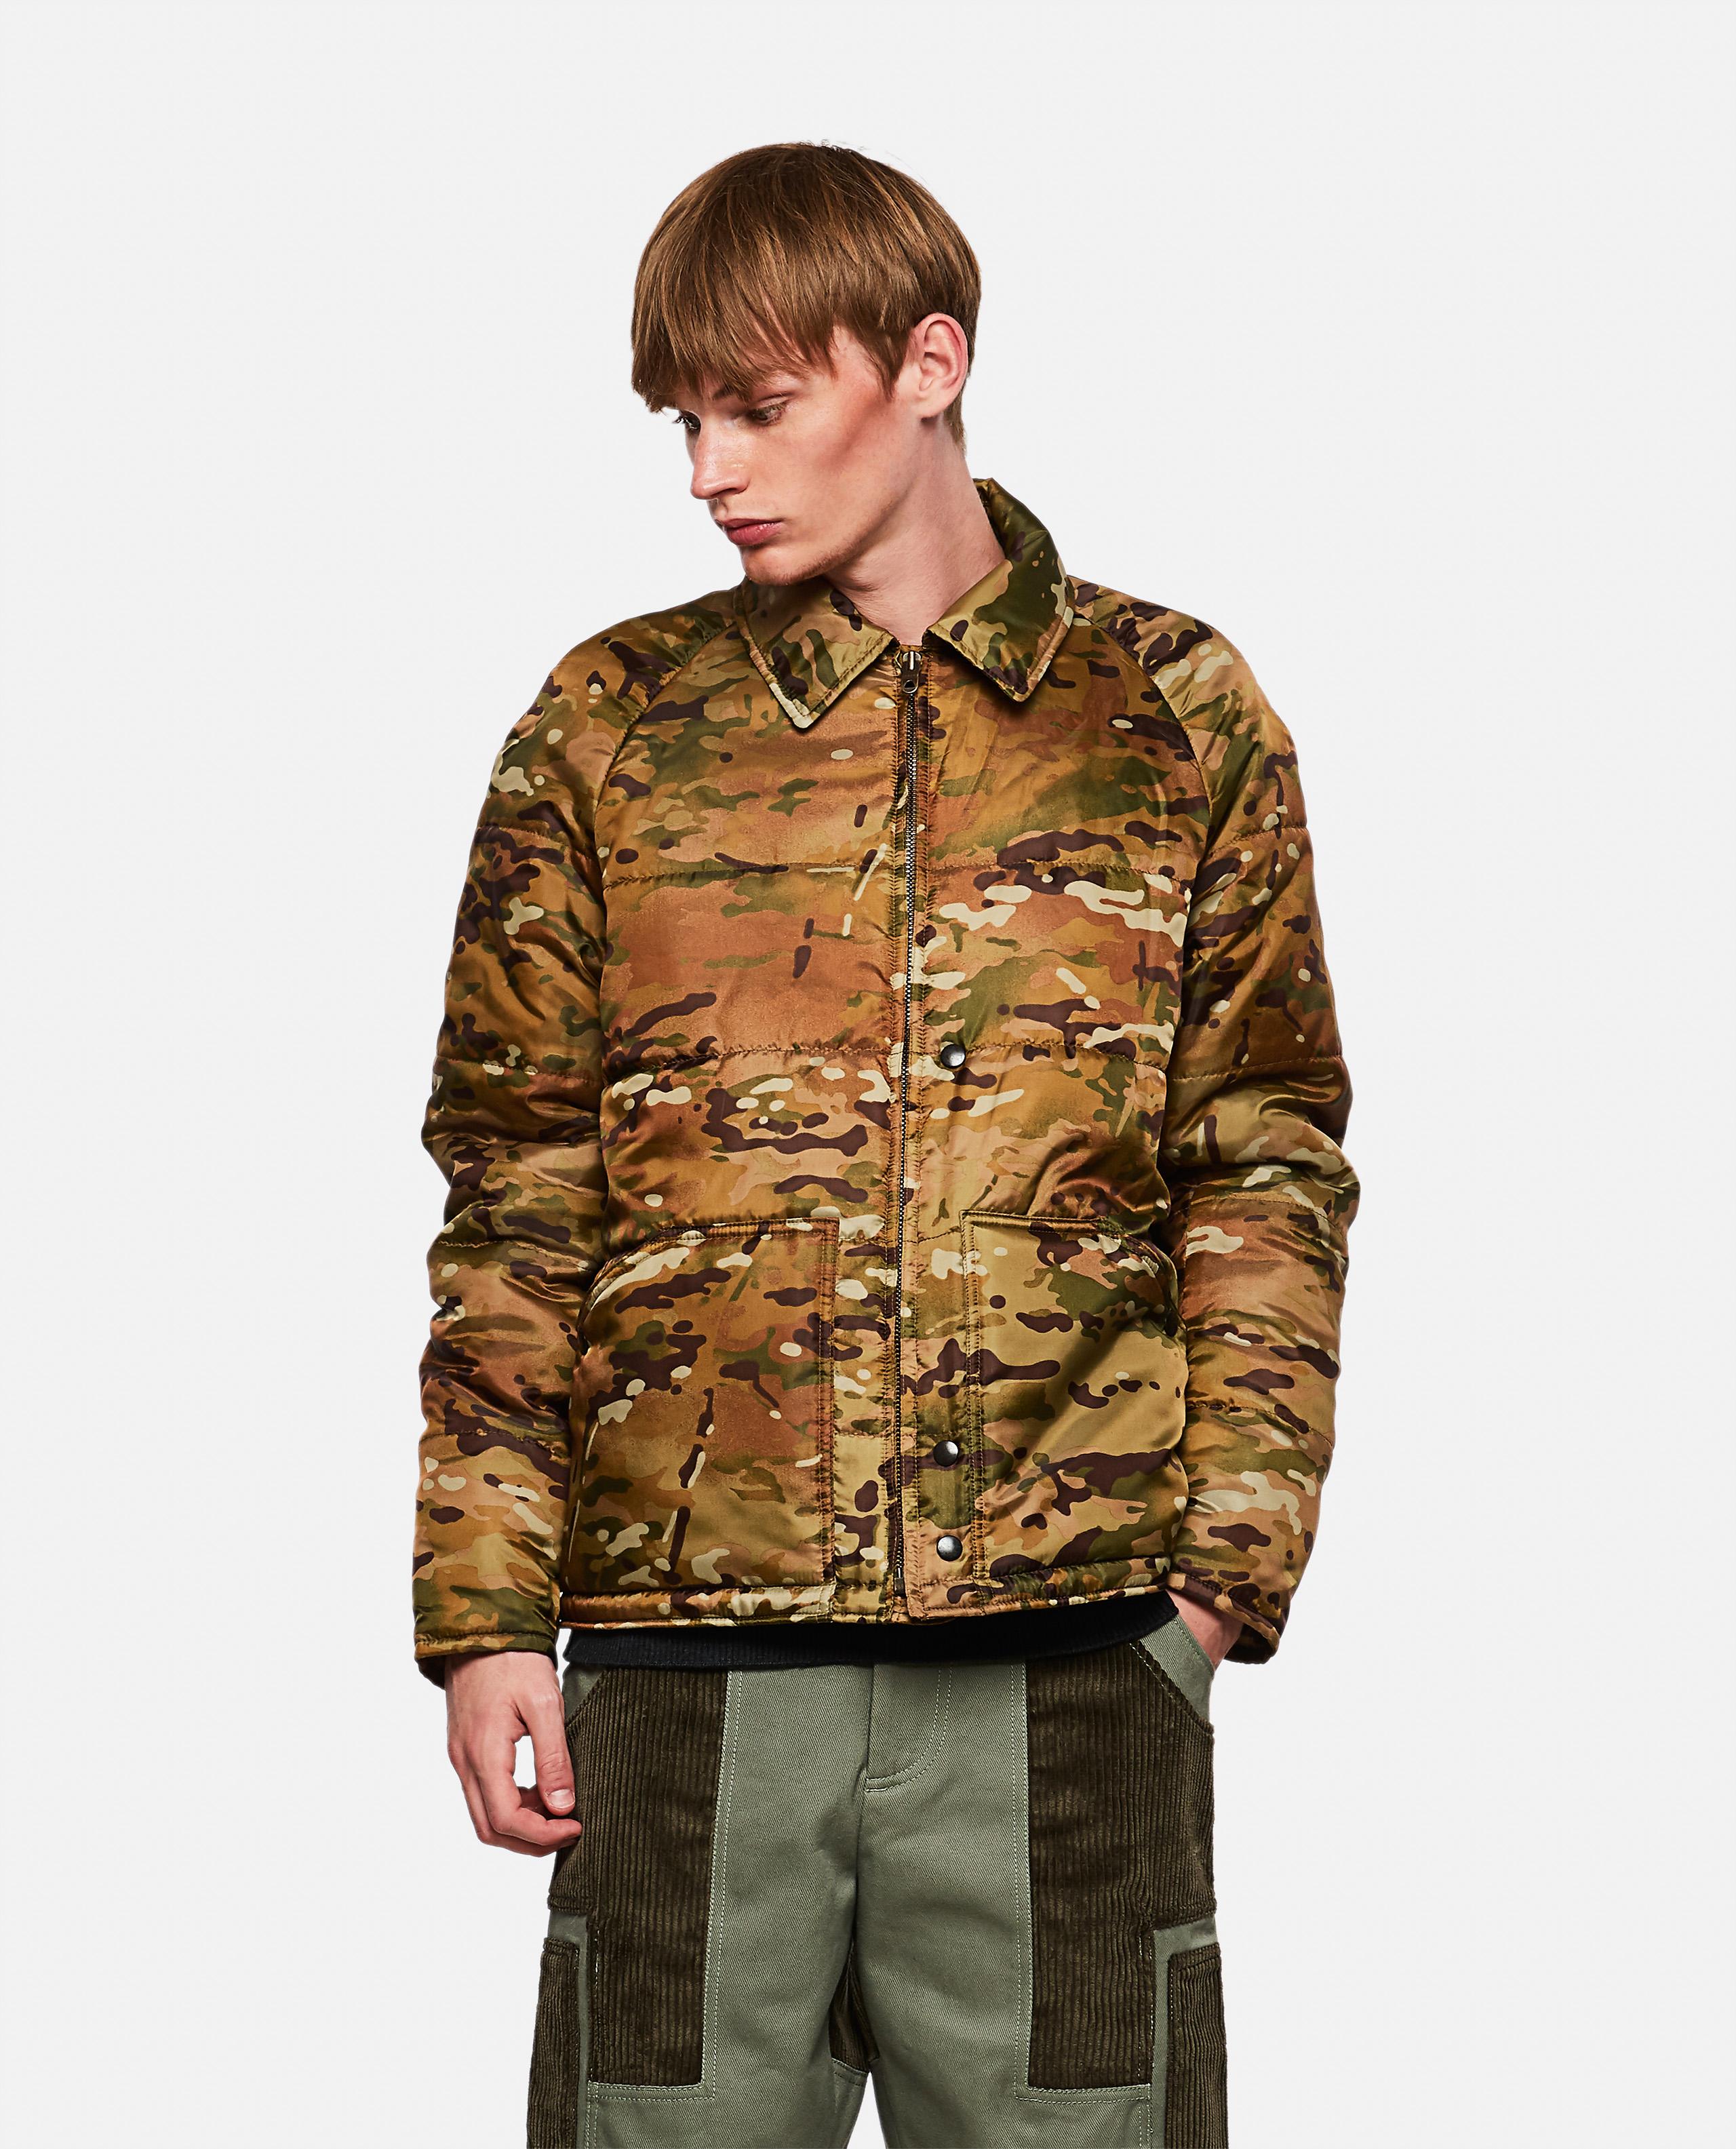 Padded military camouflage jacket